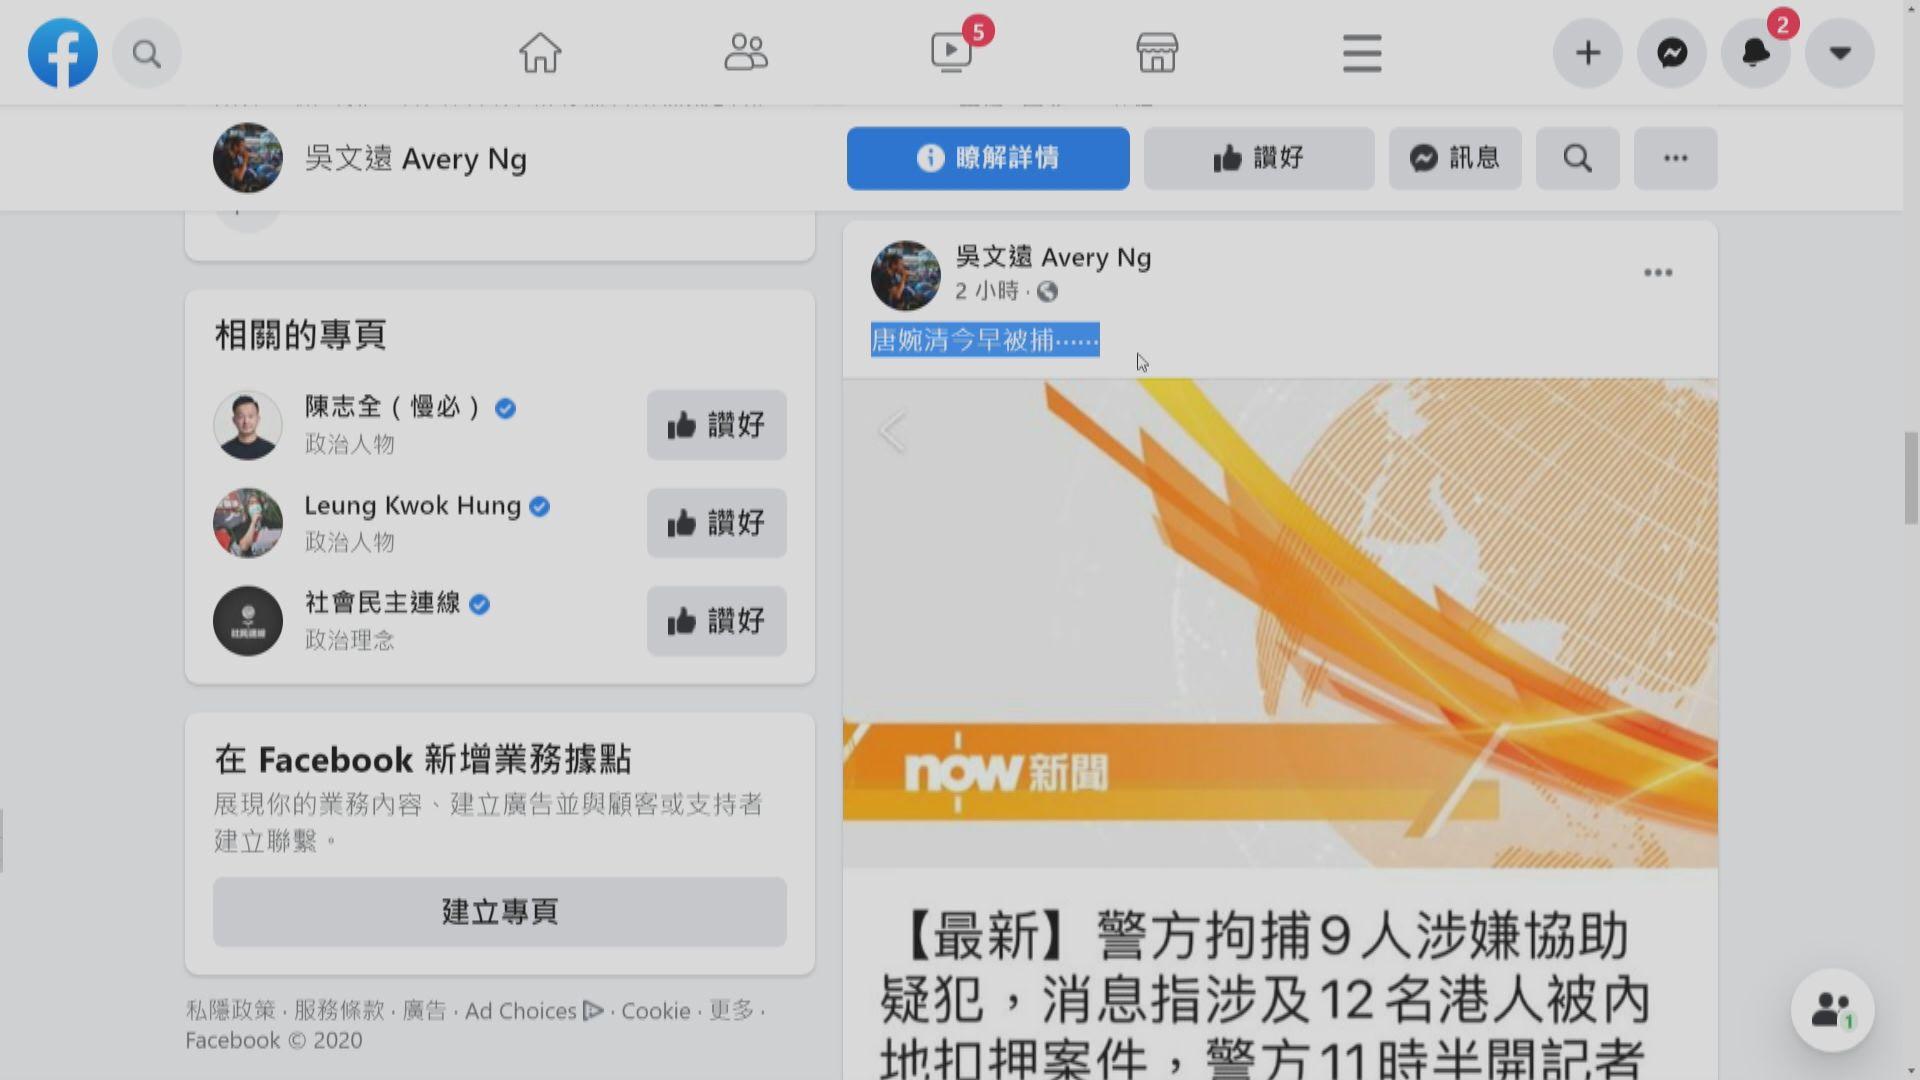 吳文遠:梁國雄前助理唐婉清涉助12港人偷渡被捕